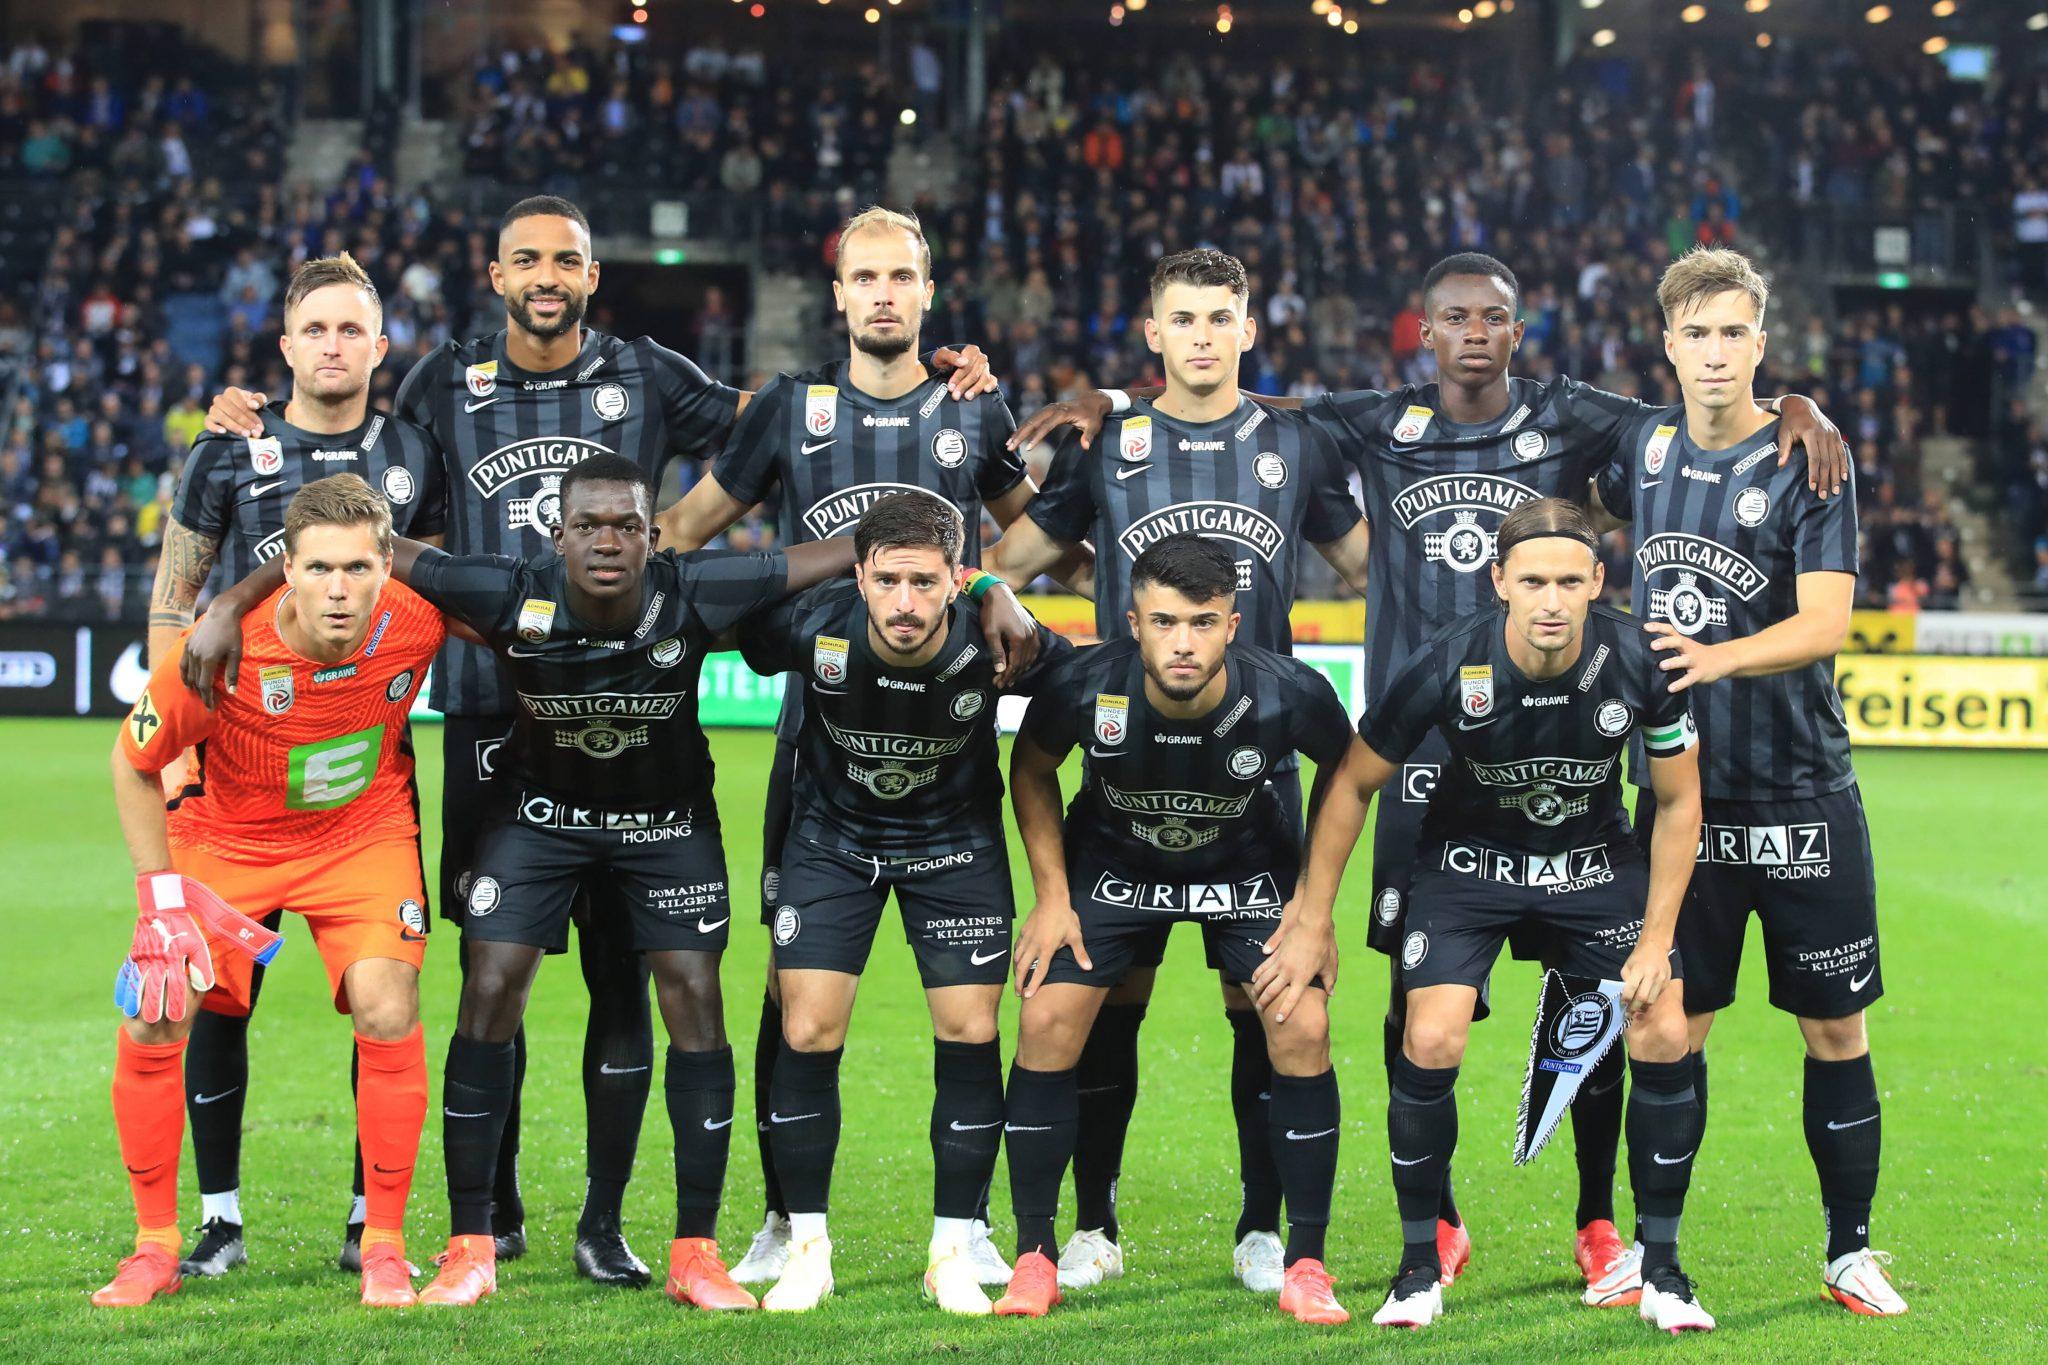 L'undici titolare dello Sturm Graz per i preliminari di Europa League